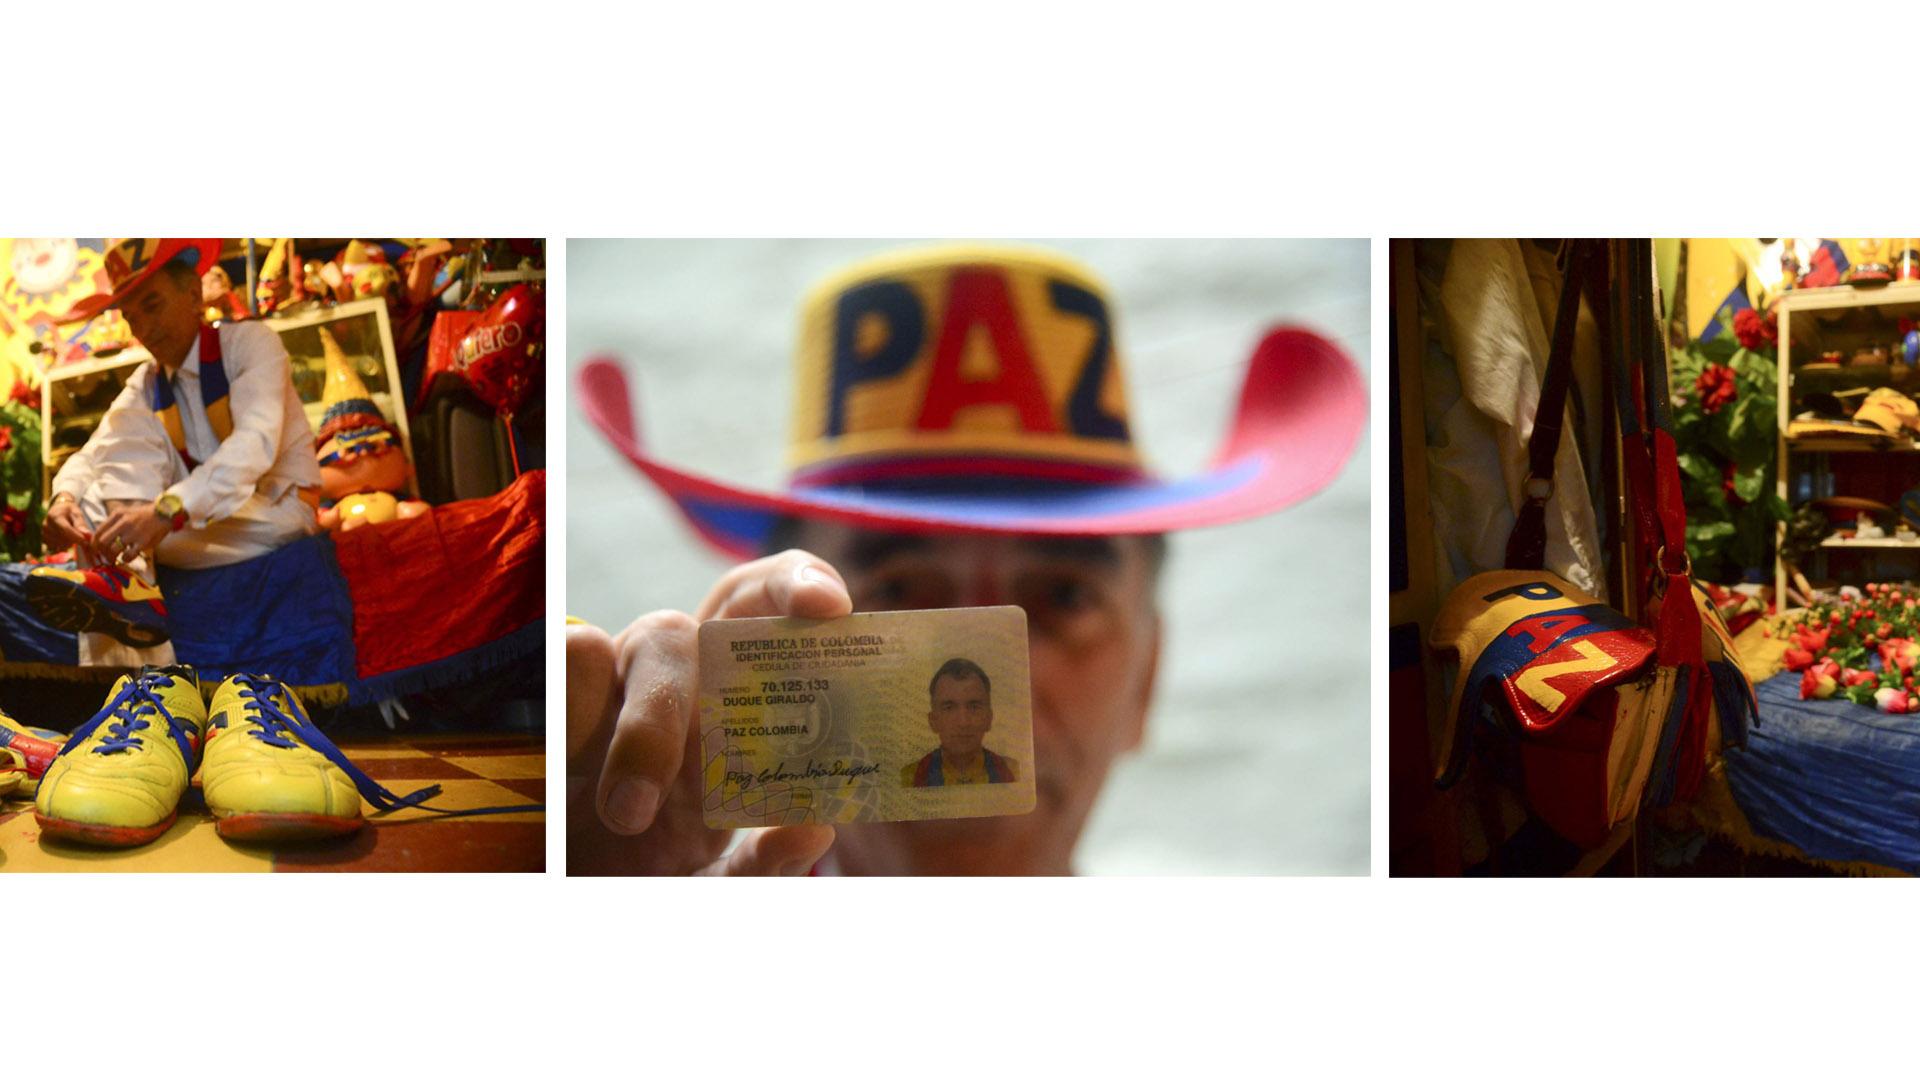 Paz Colombia ahora es el nombre de un luchador por la reconciliación nacional